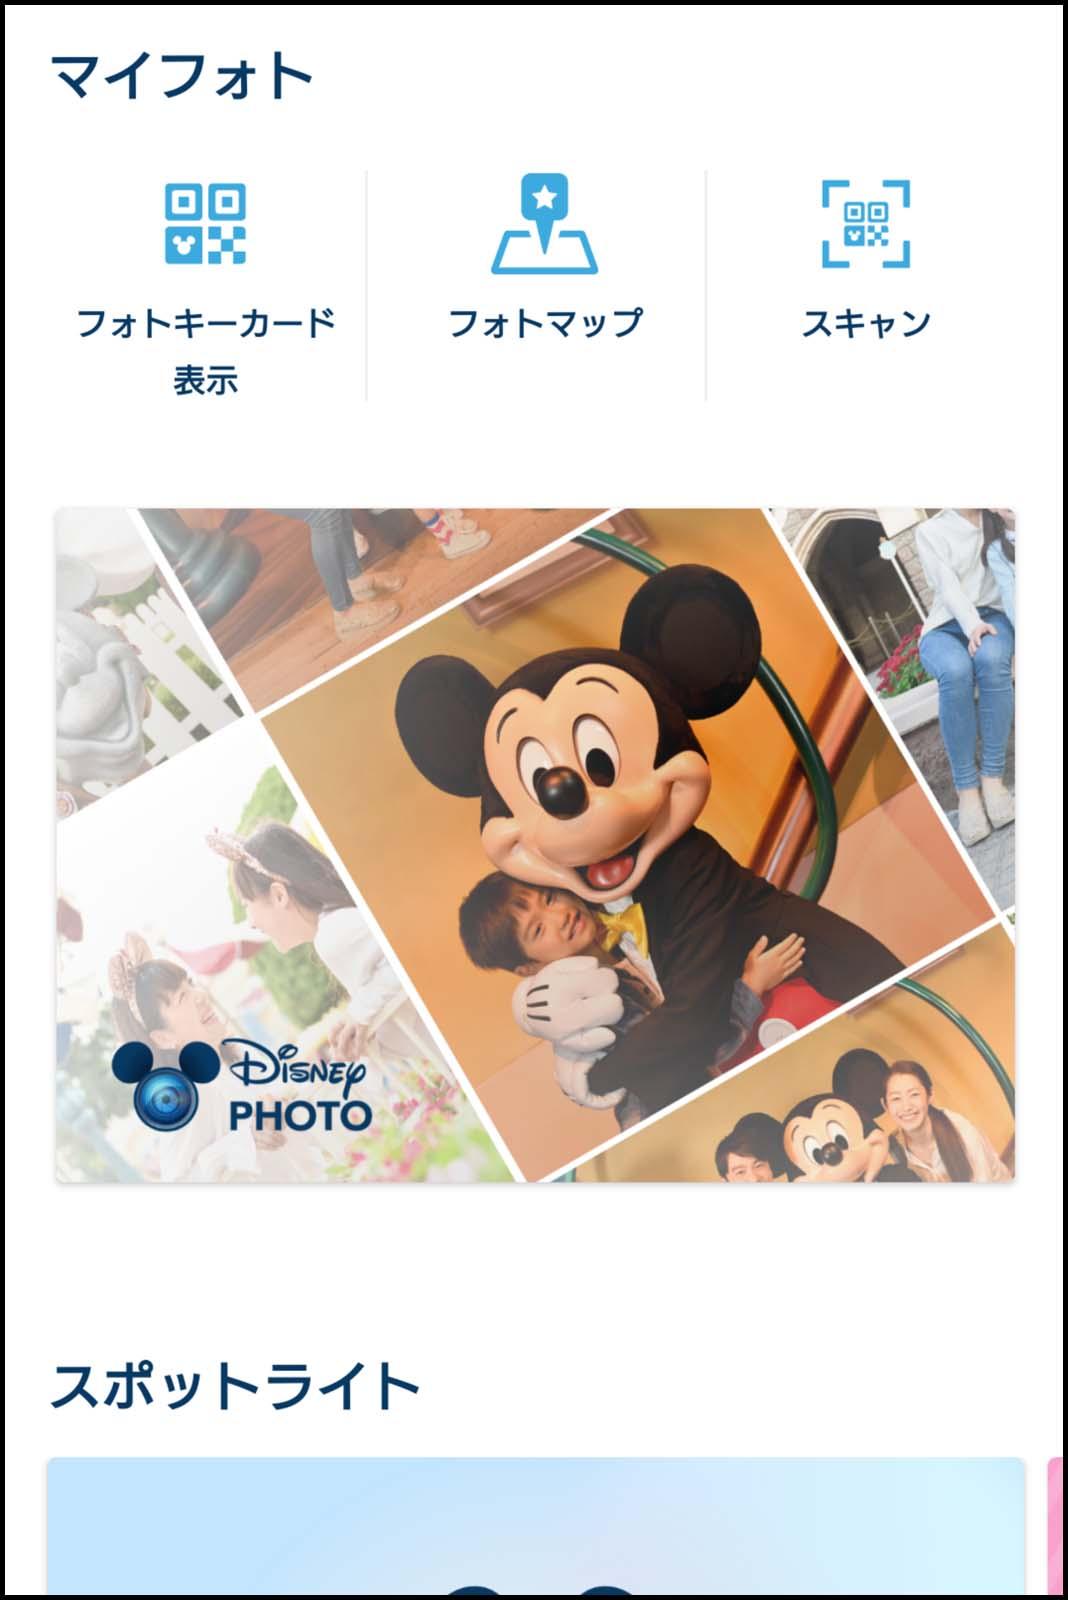 ディズニー フォト キー カード